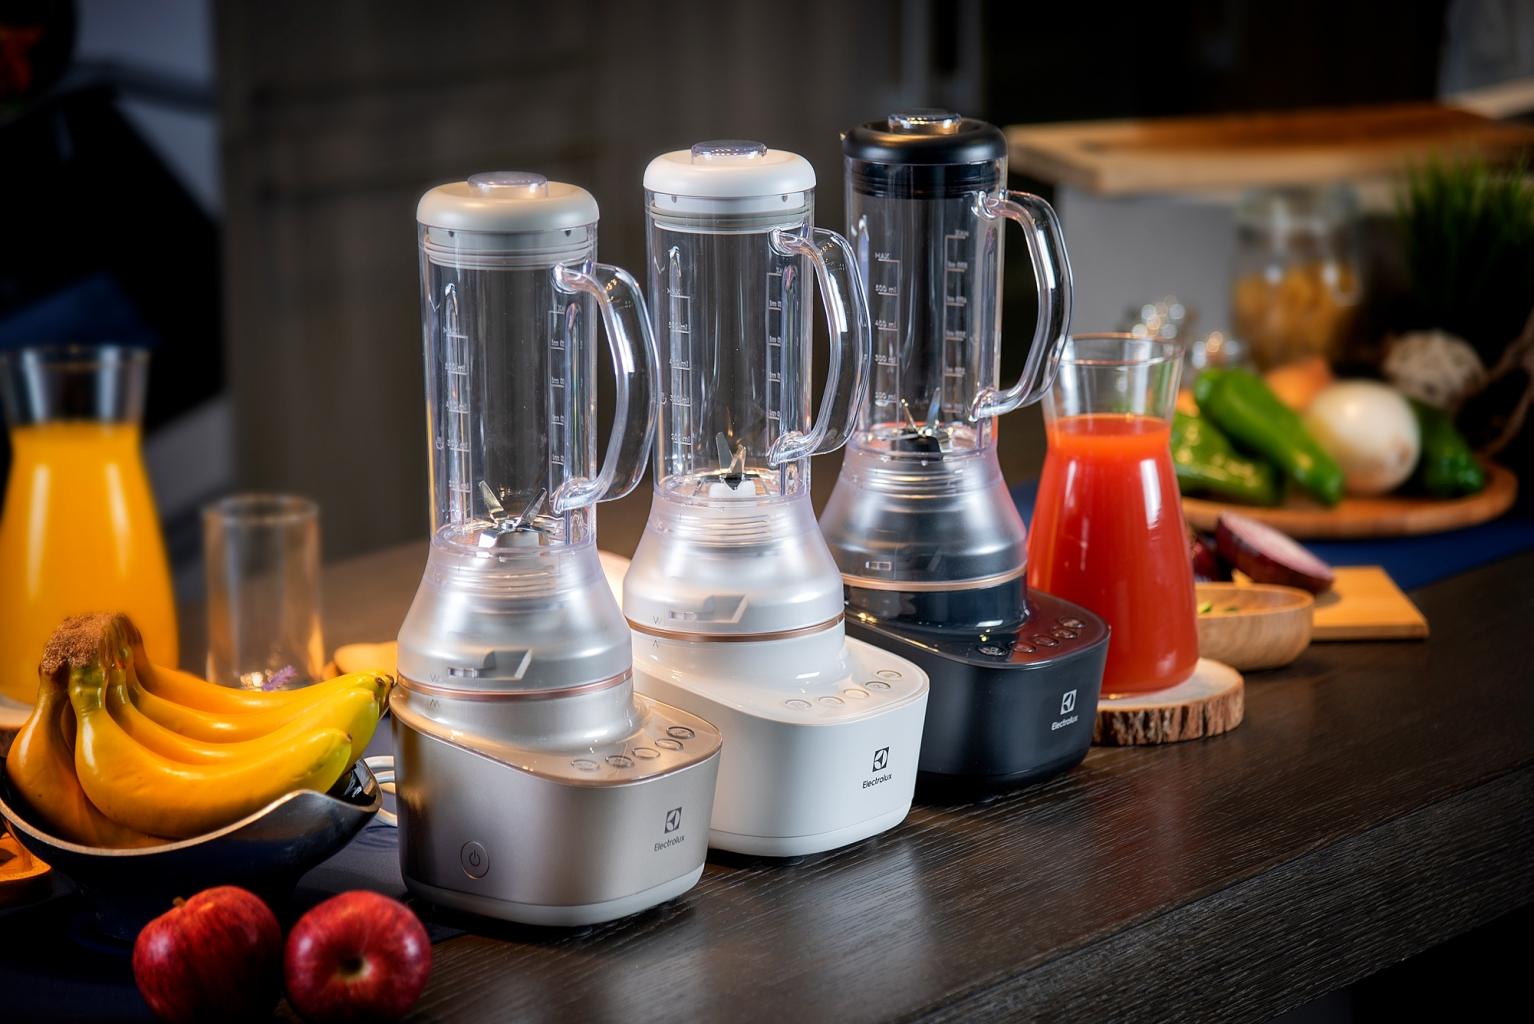 伊萊克斯主廚系列迷你高效果汁機,可依照需求挑選合適規格。